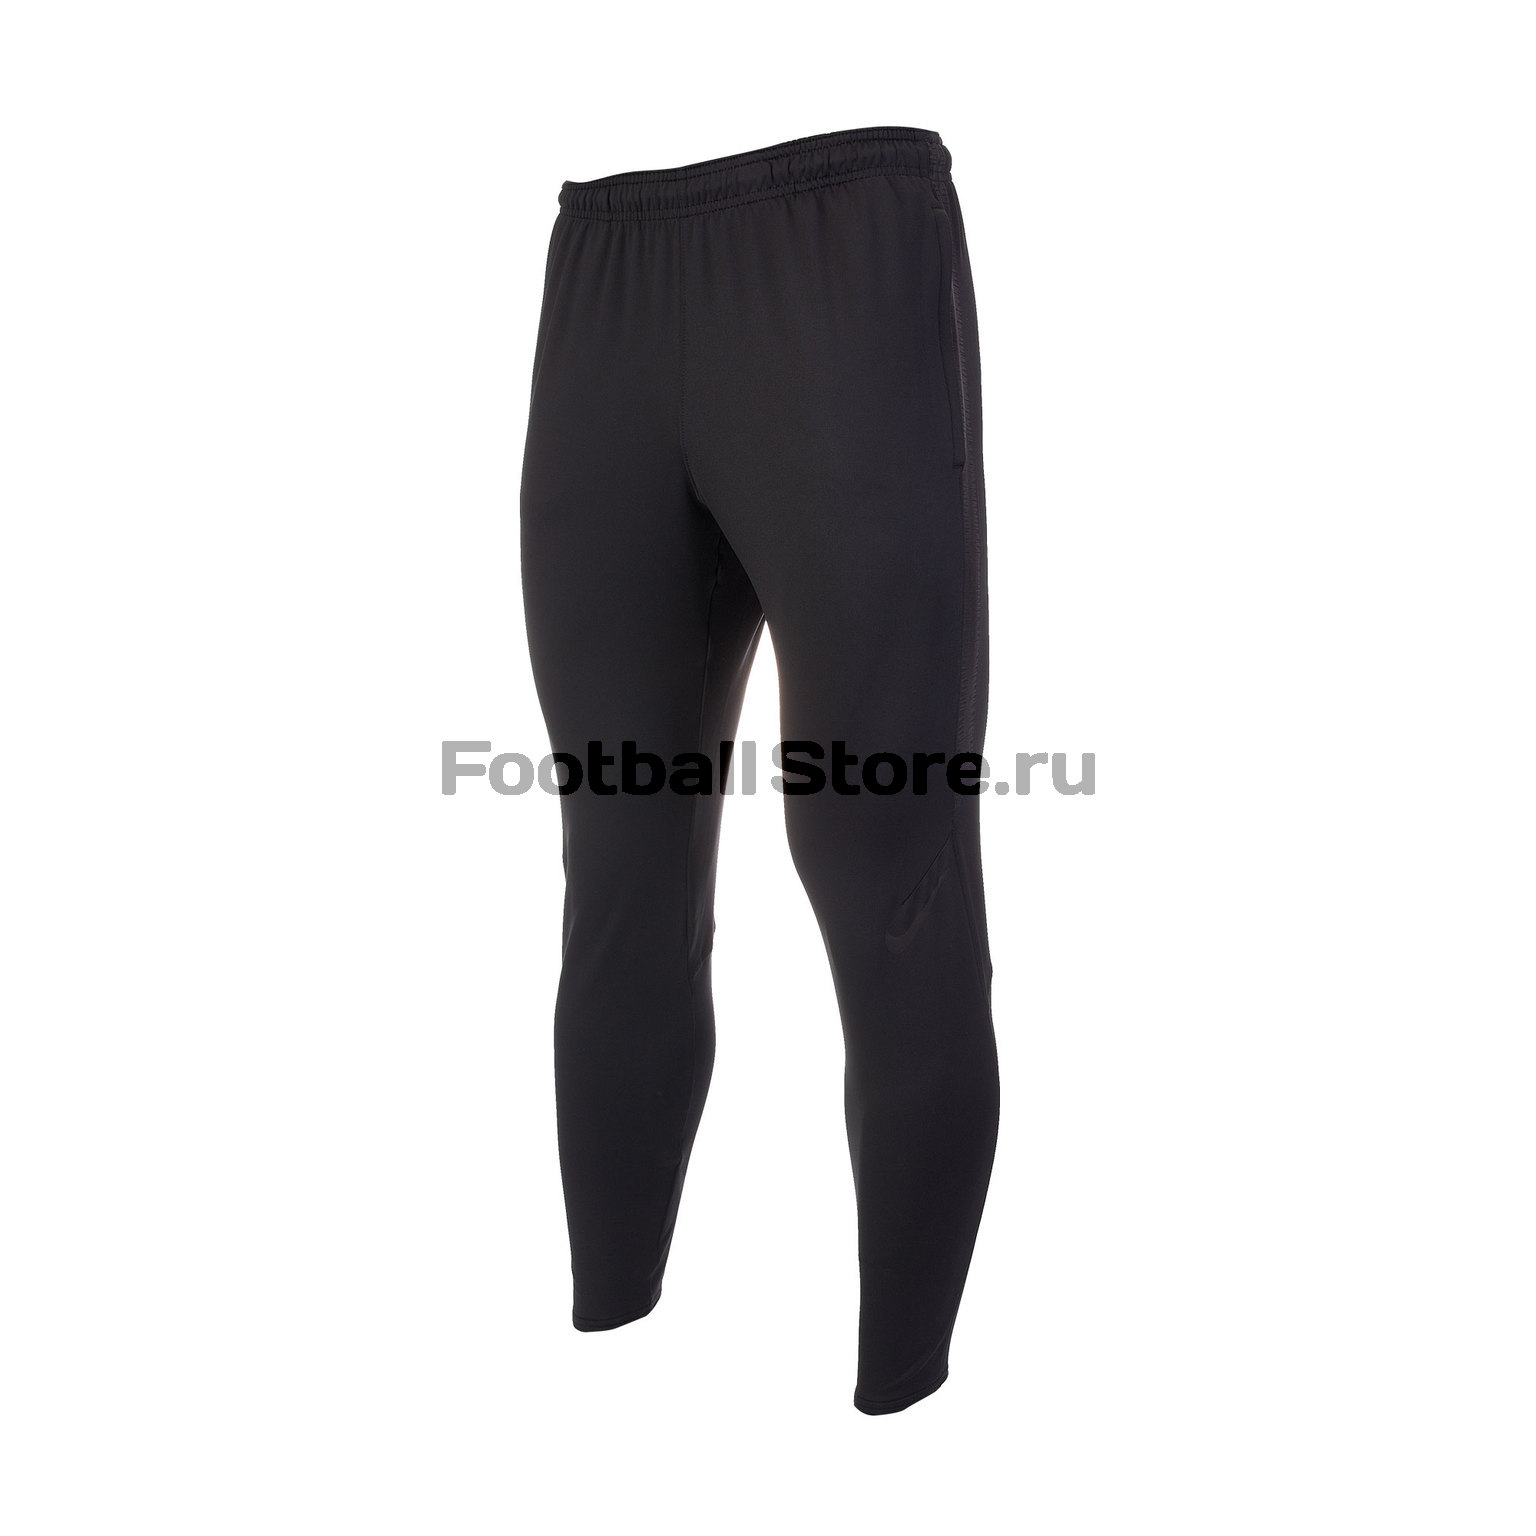 Брюки тренировочные Nike Dry Squad Pant 894645-010 цена и фото